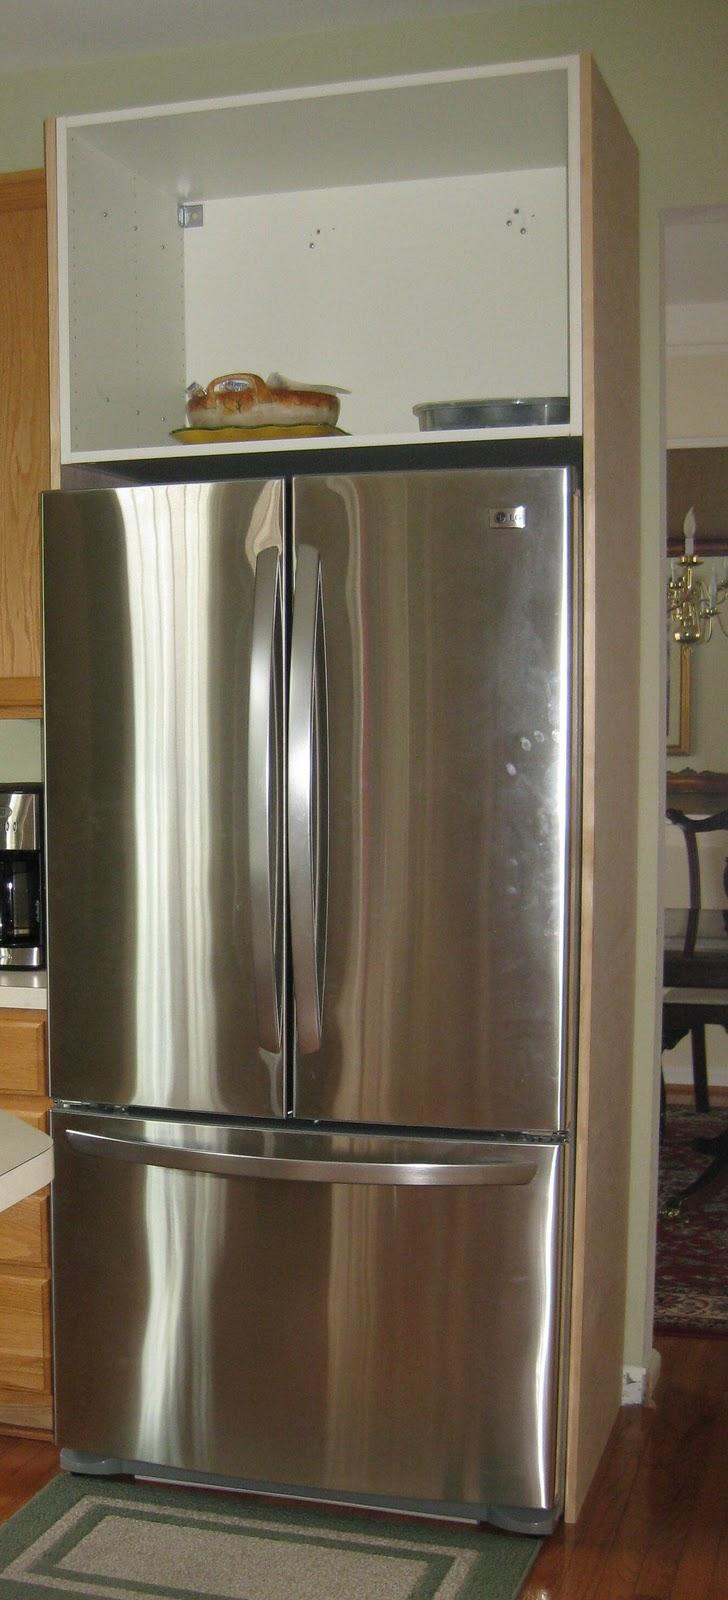 Encerrando el Refrigerador - Remodelando la Casa